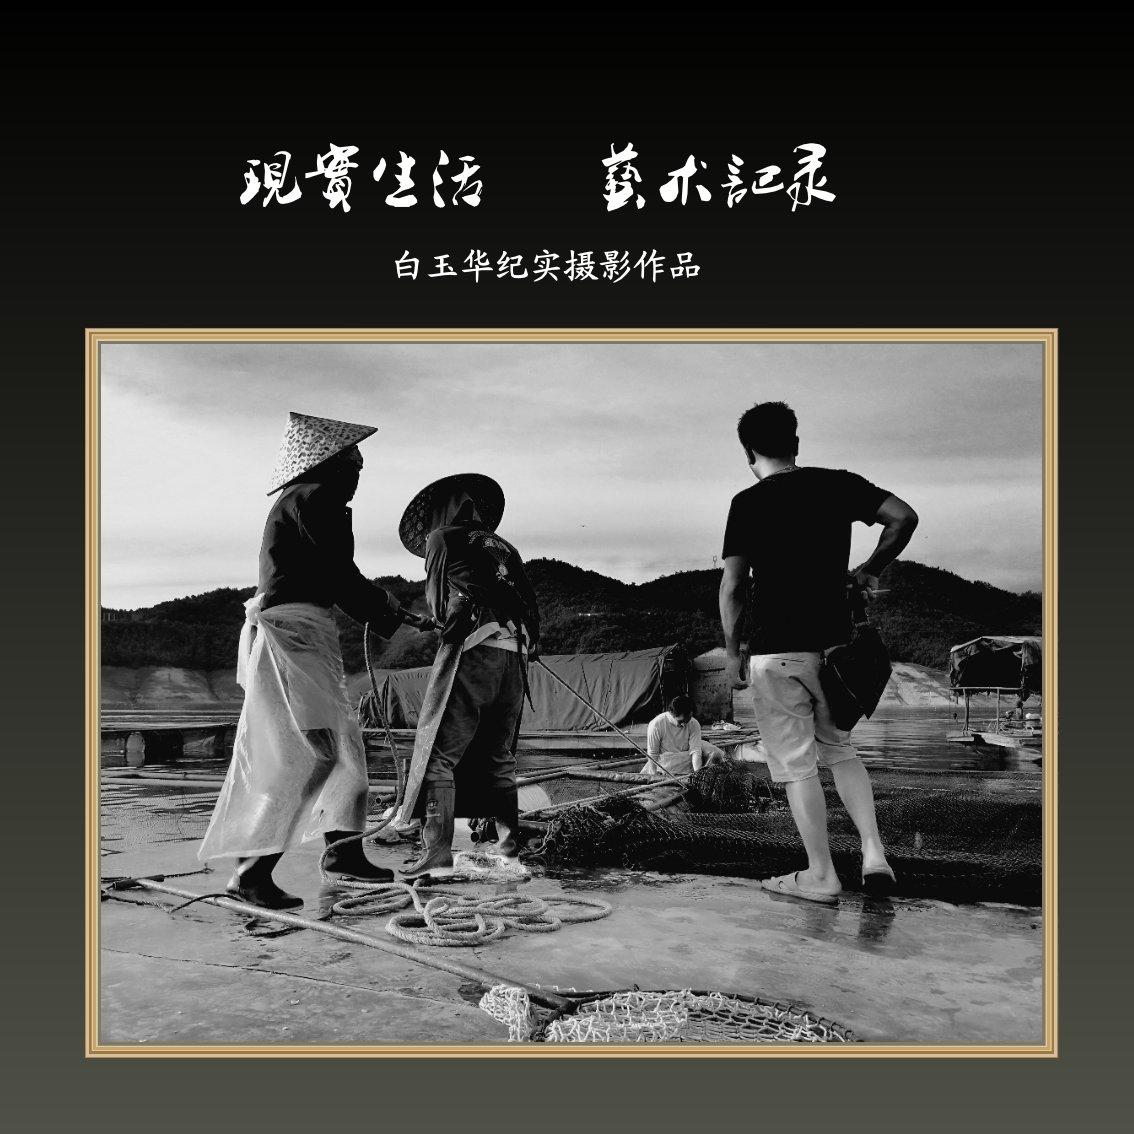 现实生活 艺术记录--白玉华纪实摄影作品